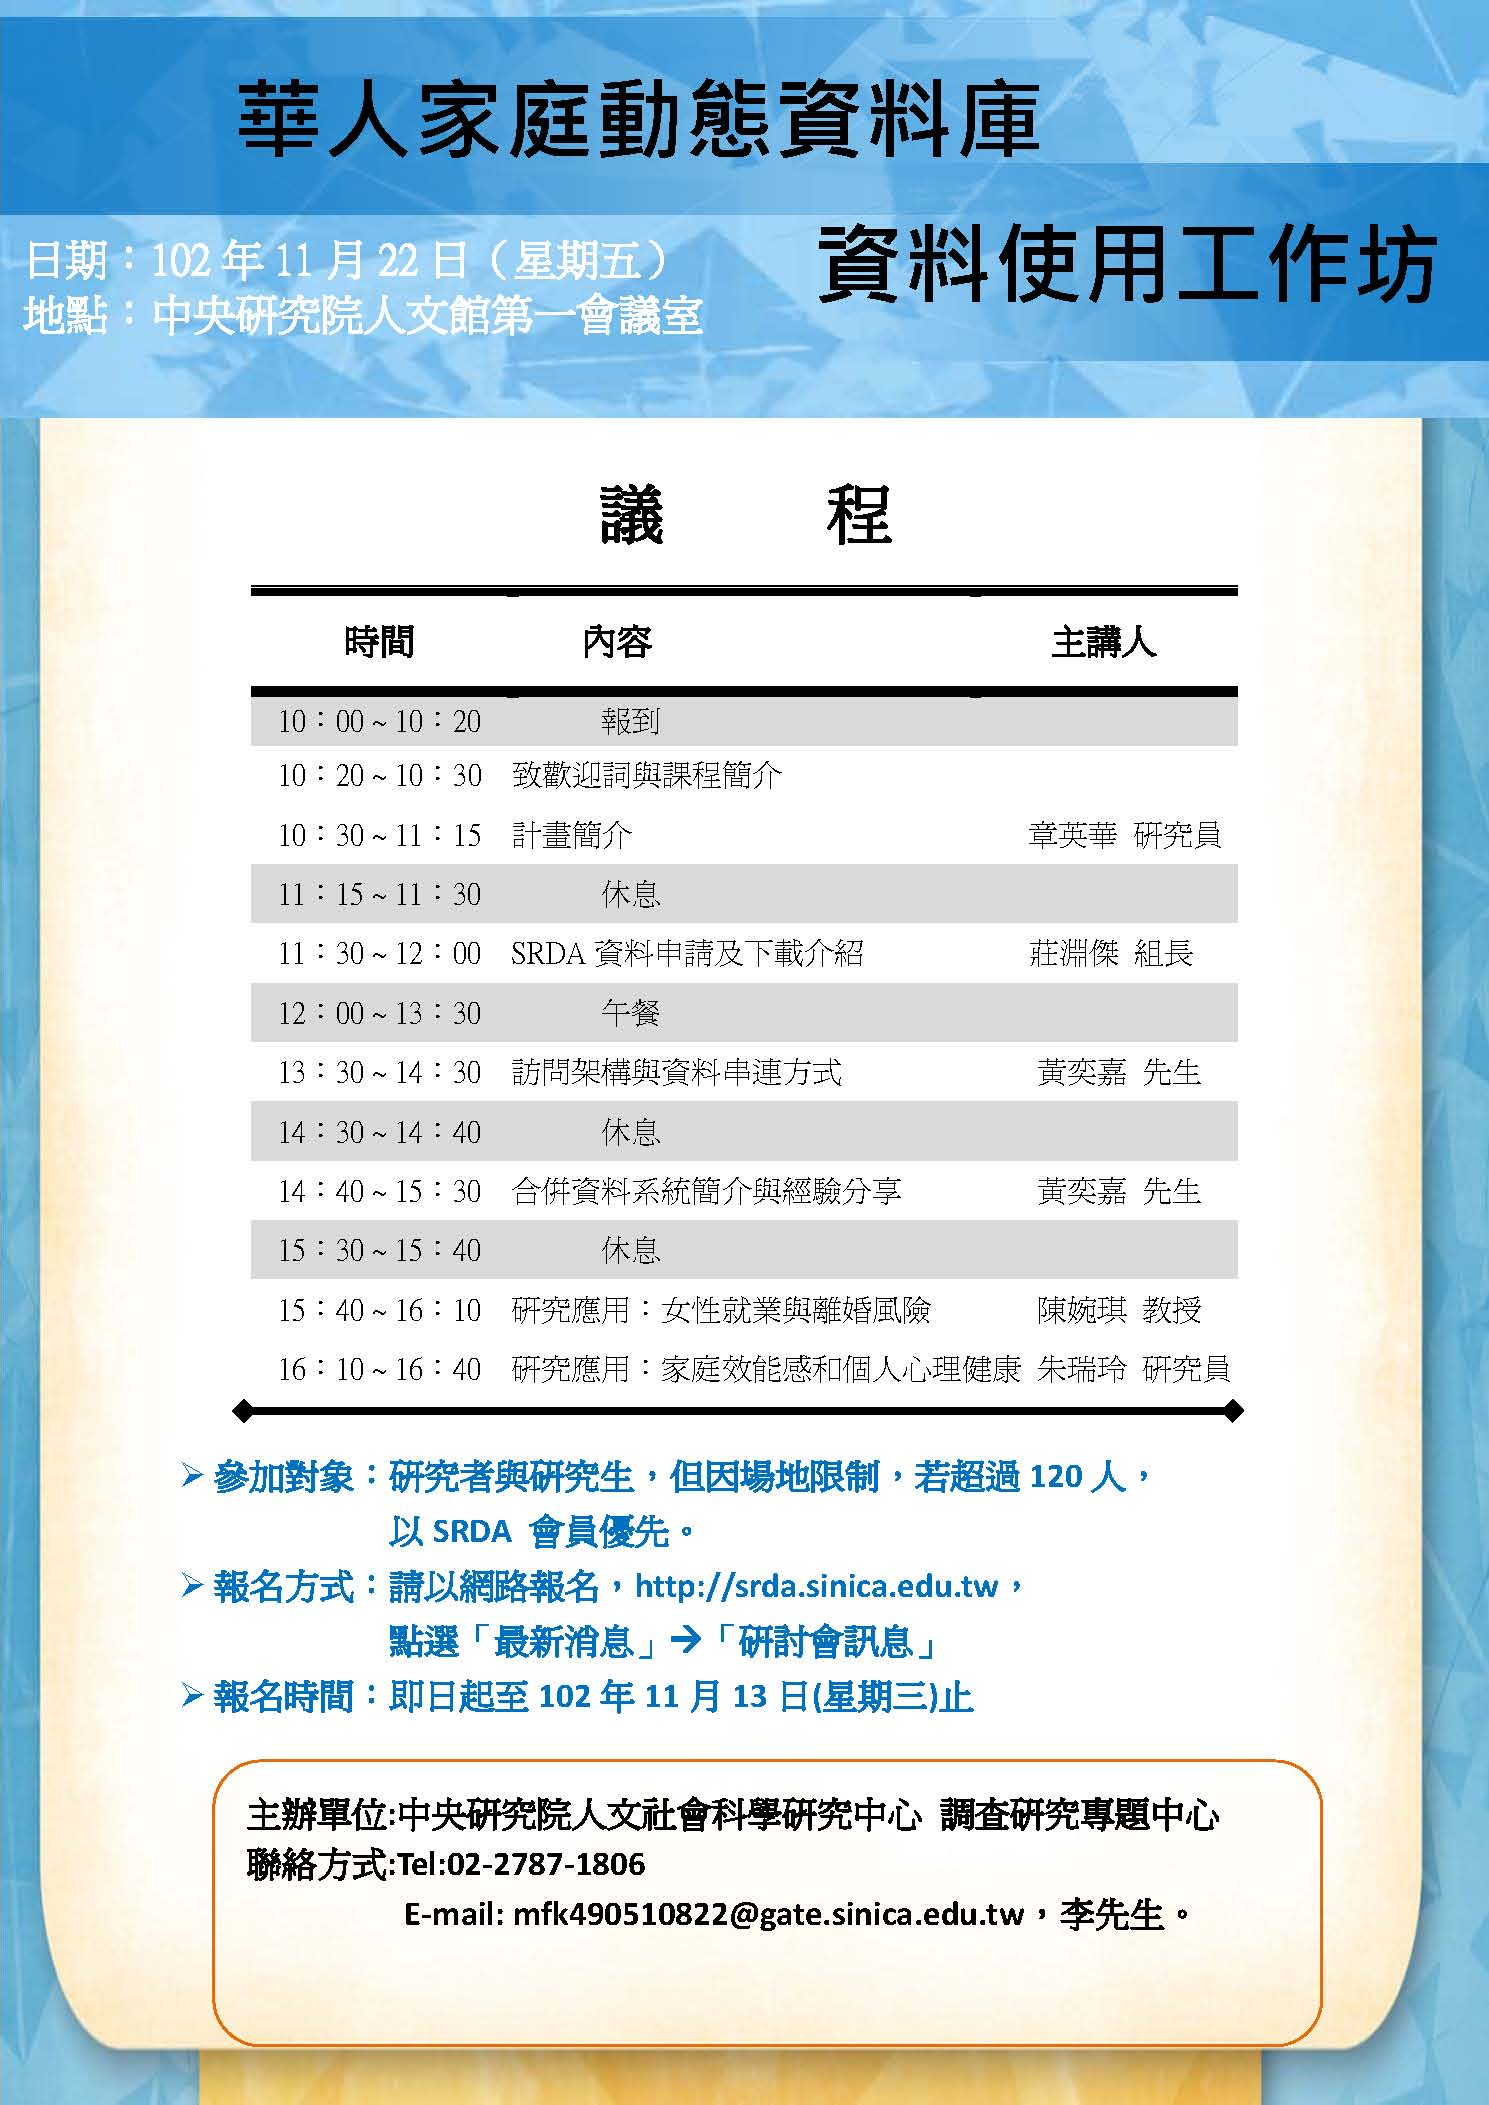 20131122家動工作坊-海報